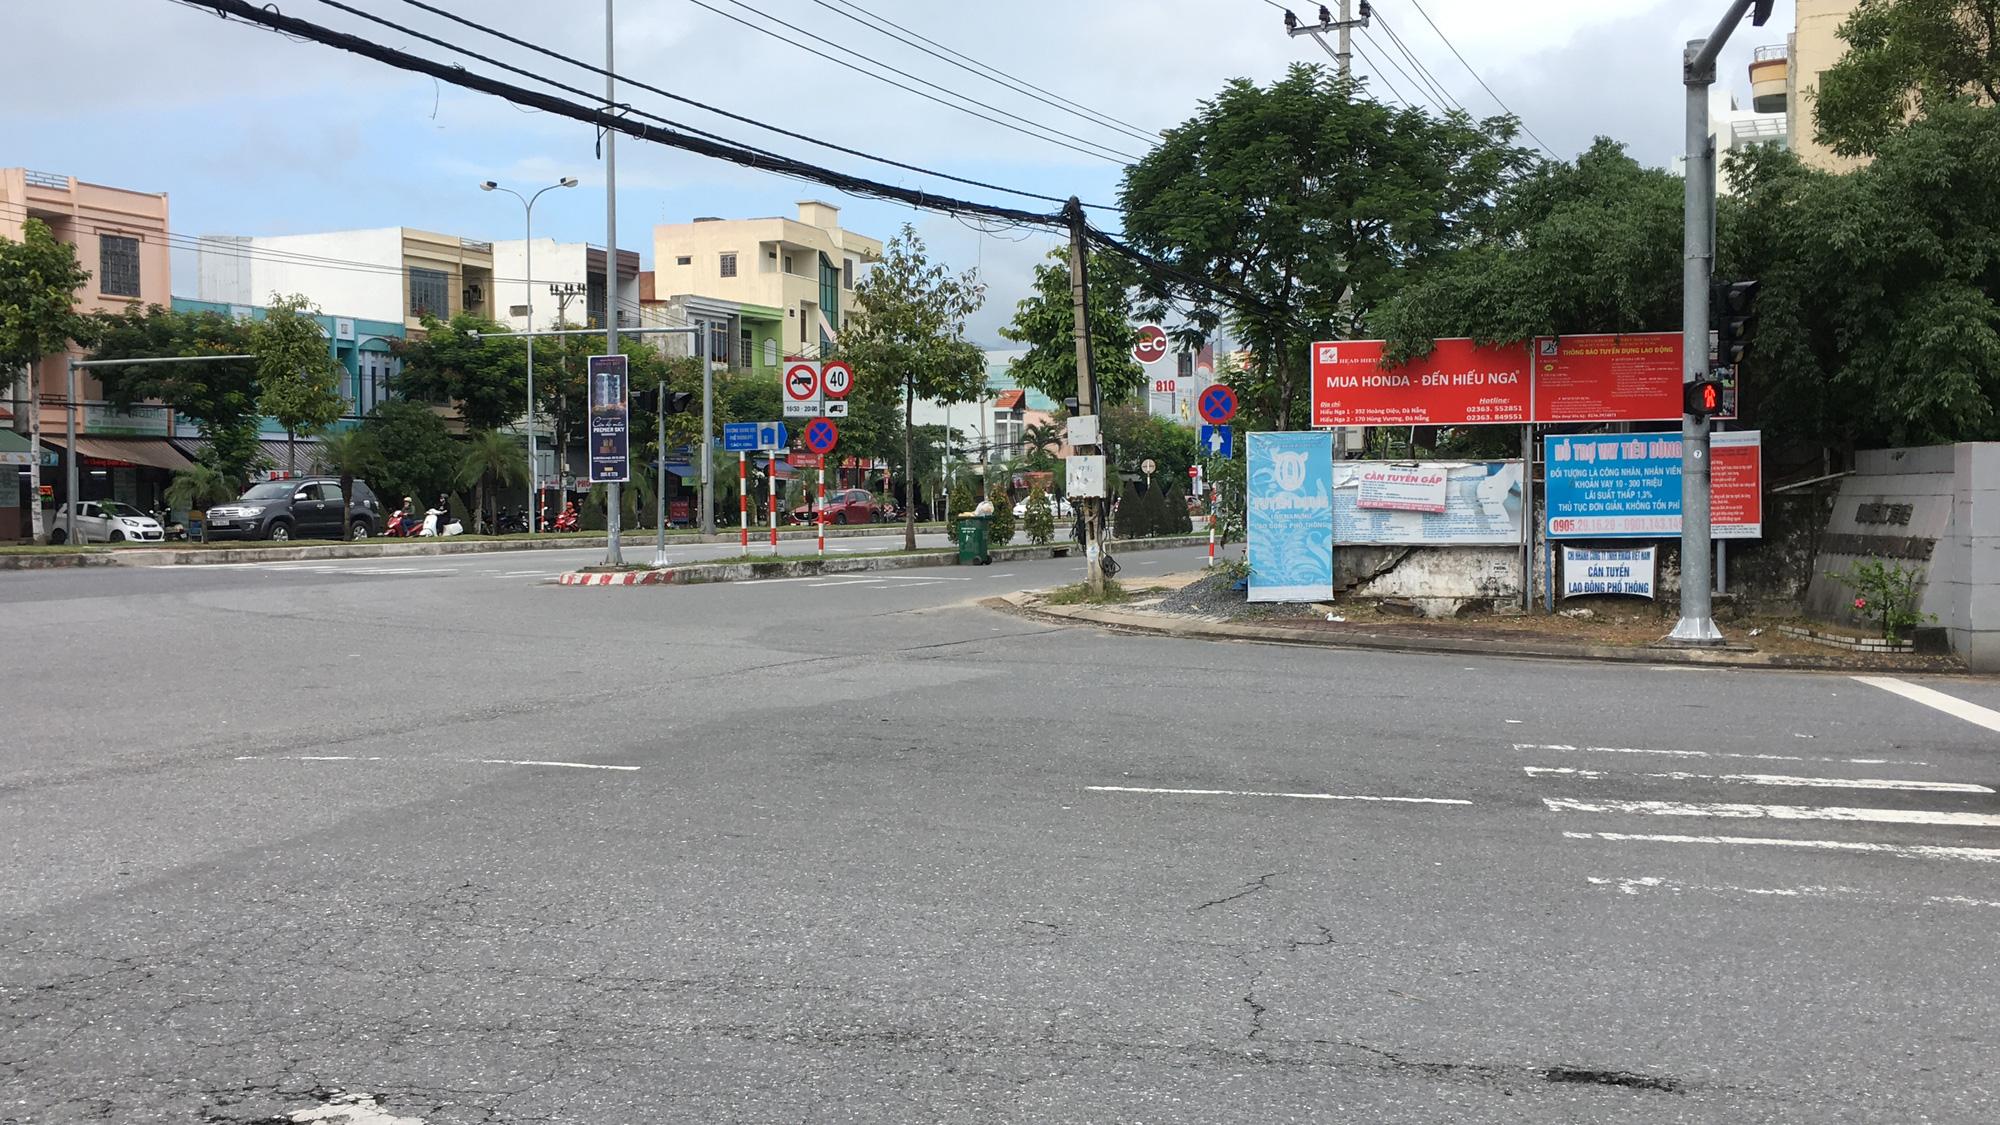 Cận cảnh đất vàng KCN An Đồn, Đà Nẵng làm bệnh viện Nhi 100 triệu đô - Ảnh 6.